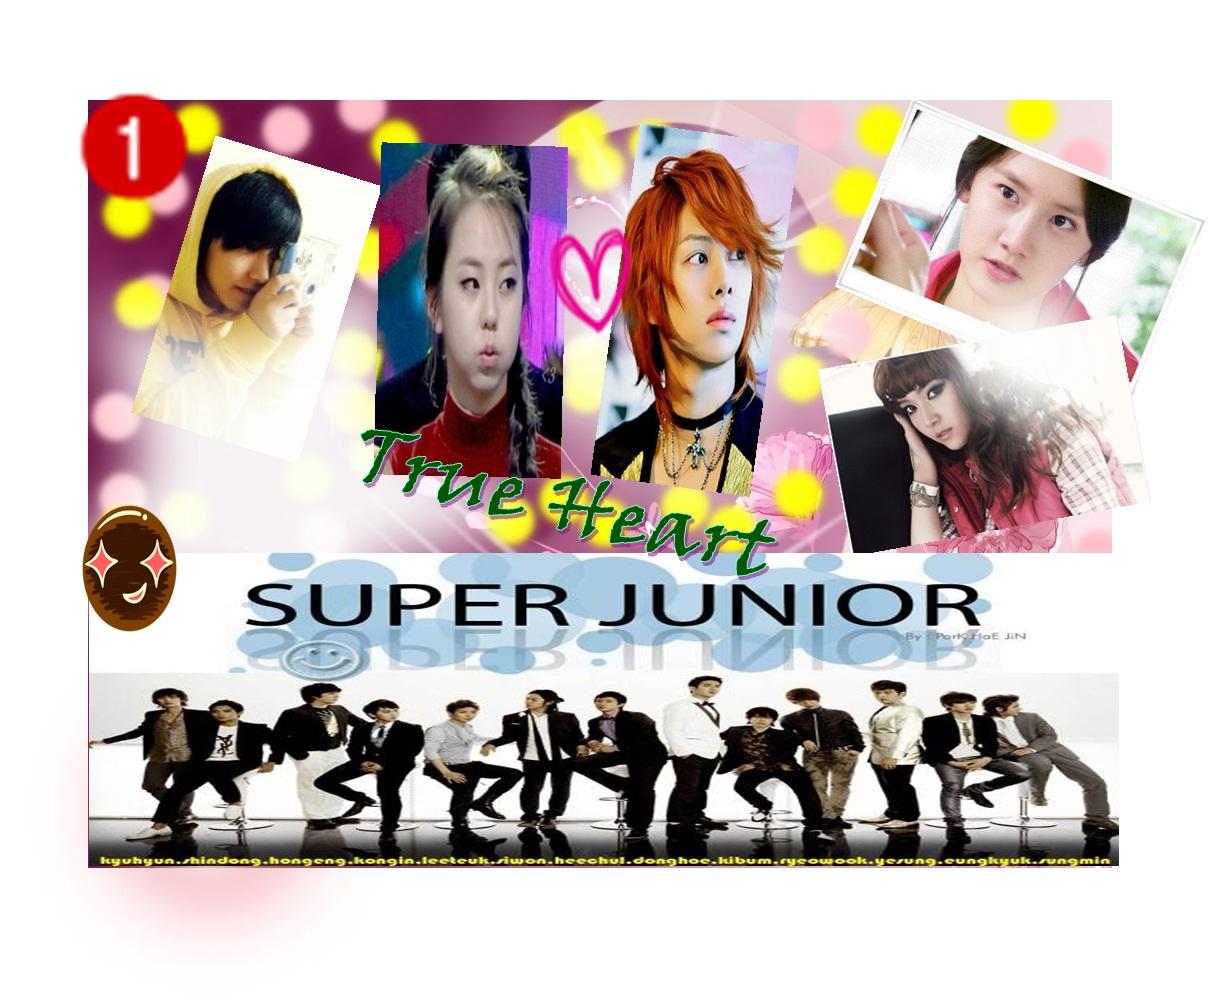 http://1.bp.blogspot.com/-ba_q7c1ZySM/T4UvRunlvmI/AAAAAAAAAVs/bwNKy_fmgHQ/s1600/wallpaper-love-mrm.jpg